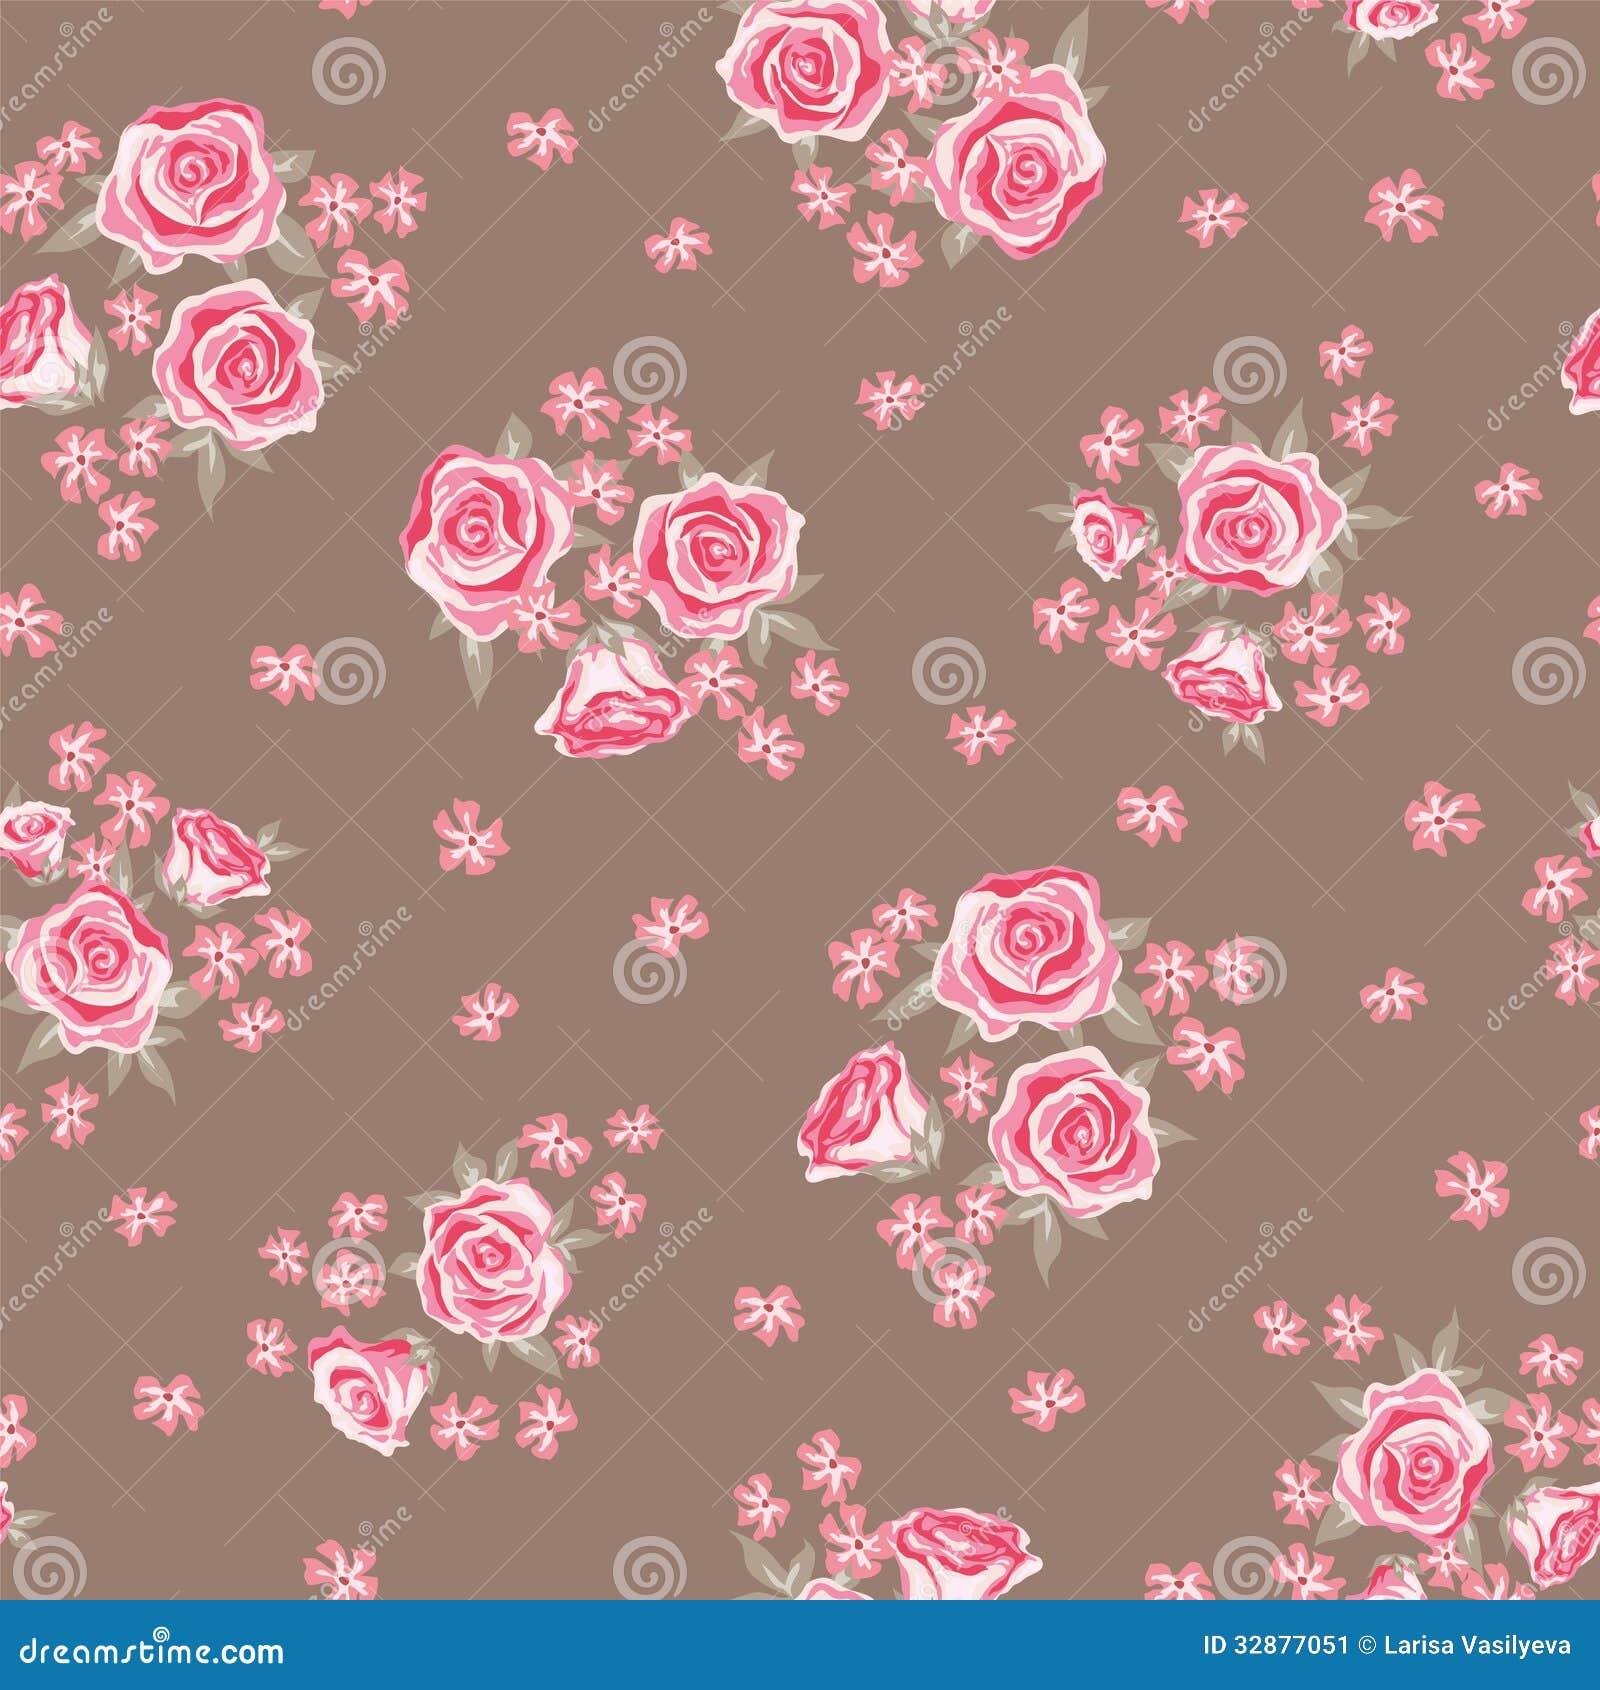 Rose Pattern 1 Stock Image - Image: 32877051